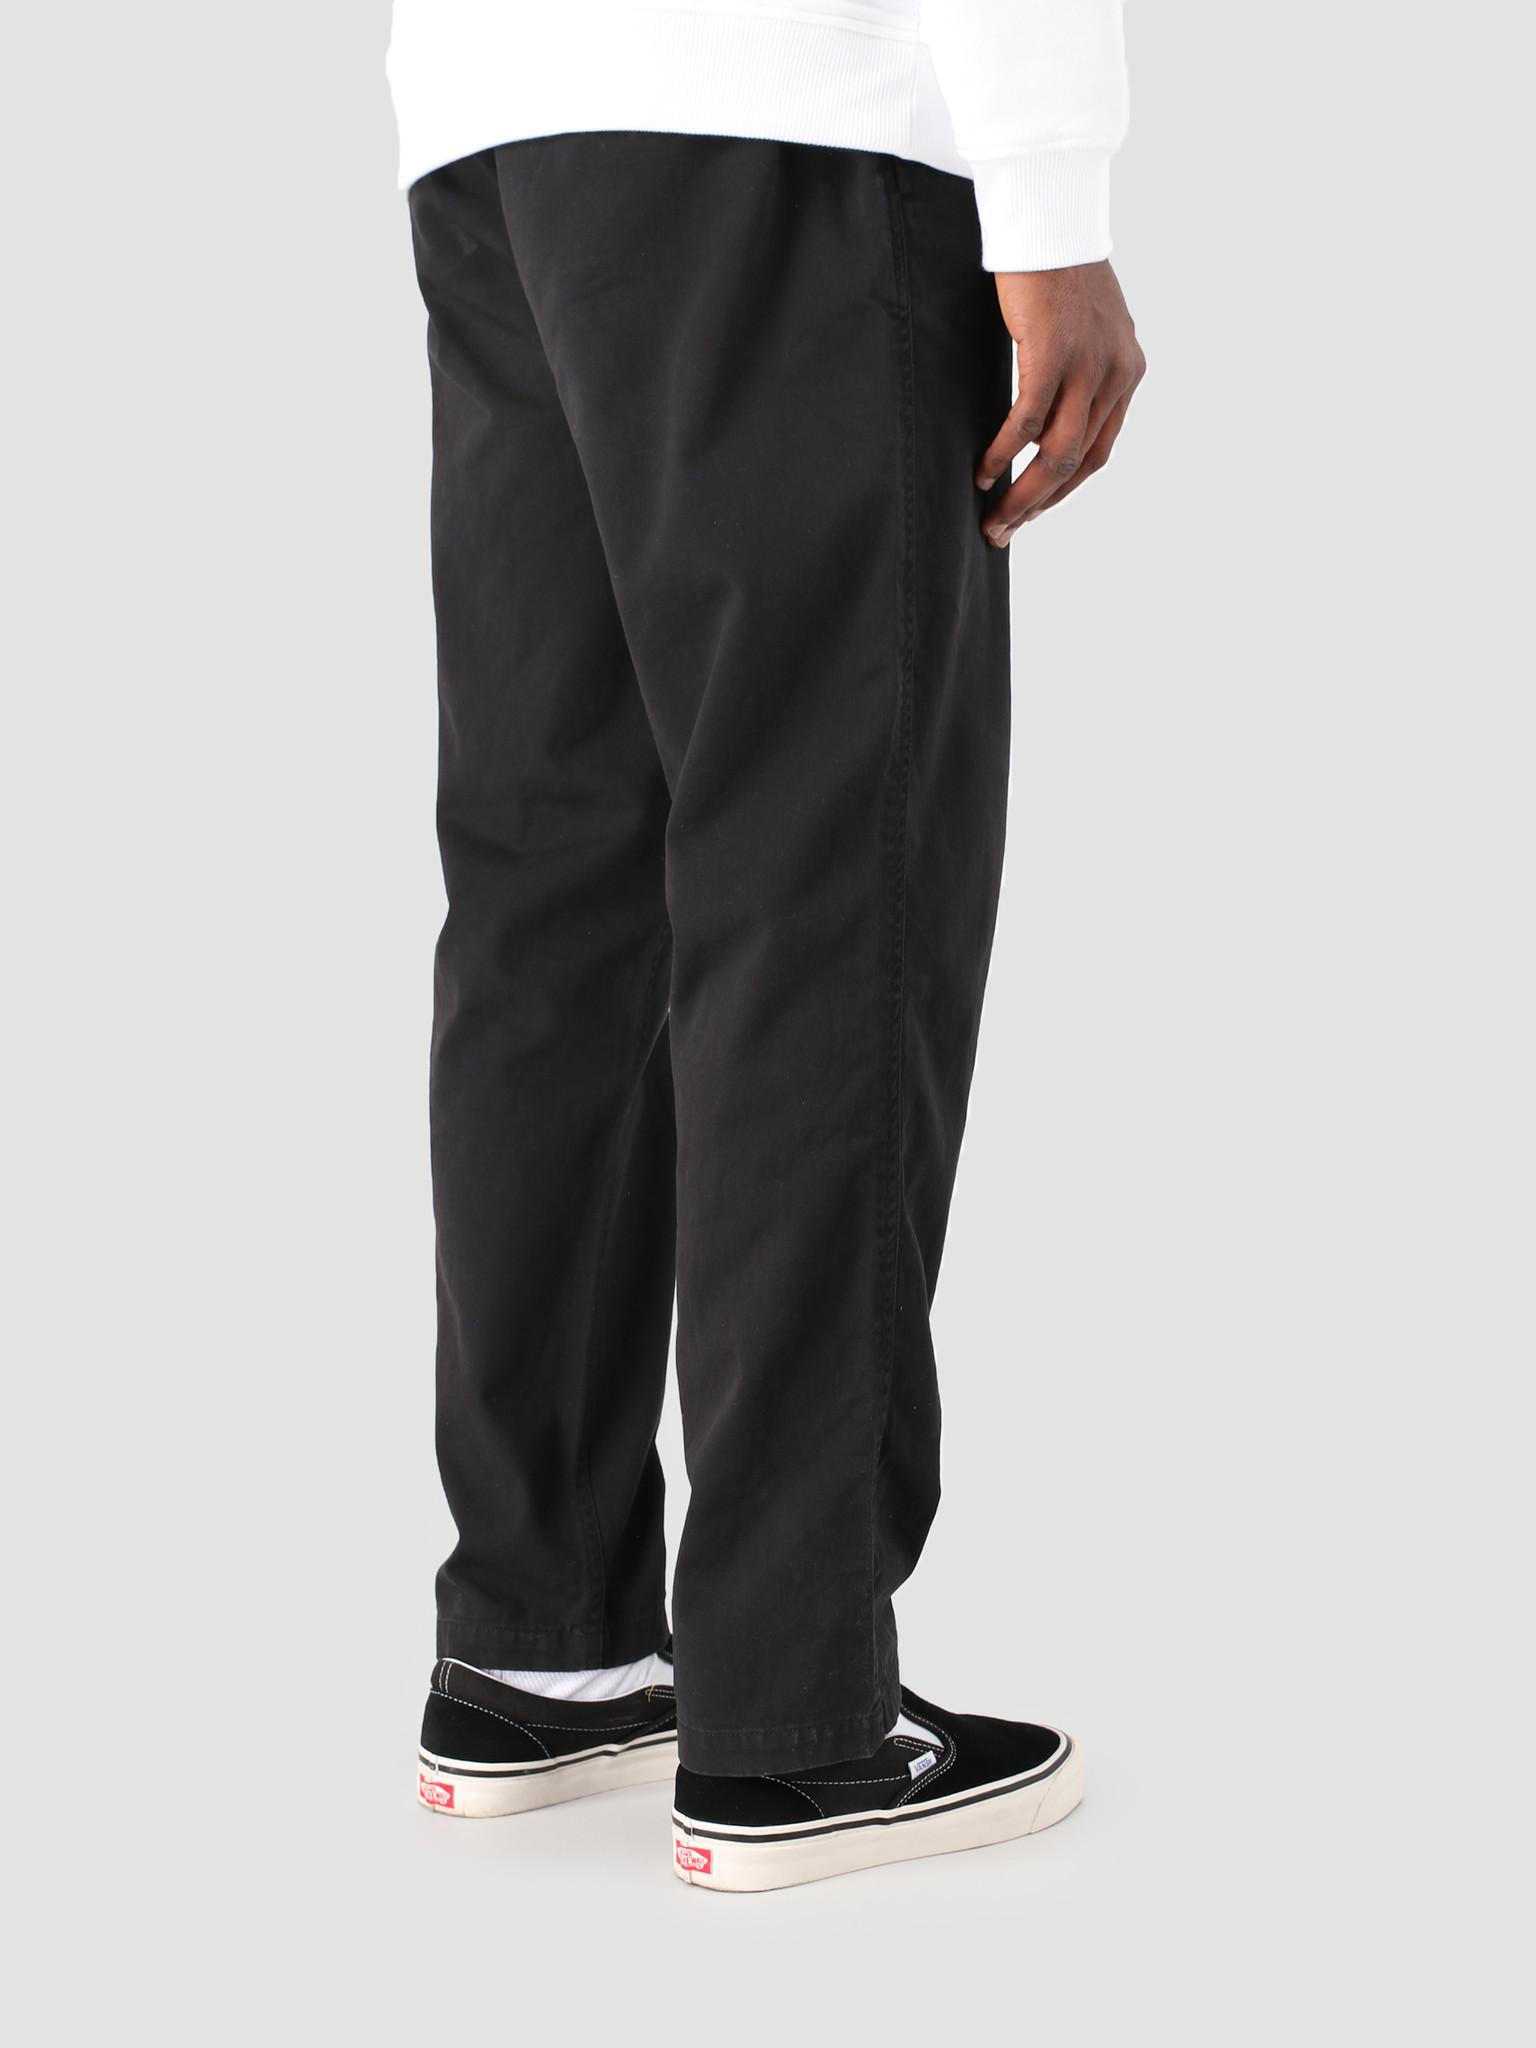 Dickies Dickies Smithtown Pants Black 01 210164-BK